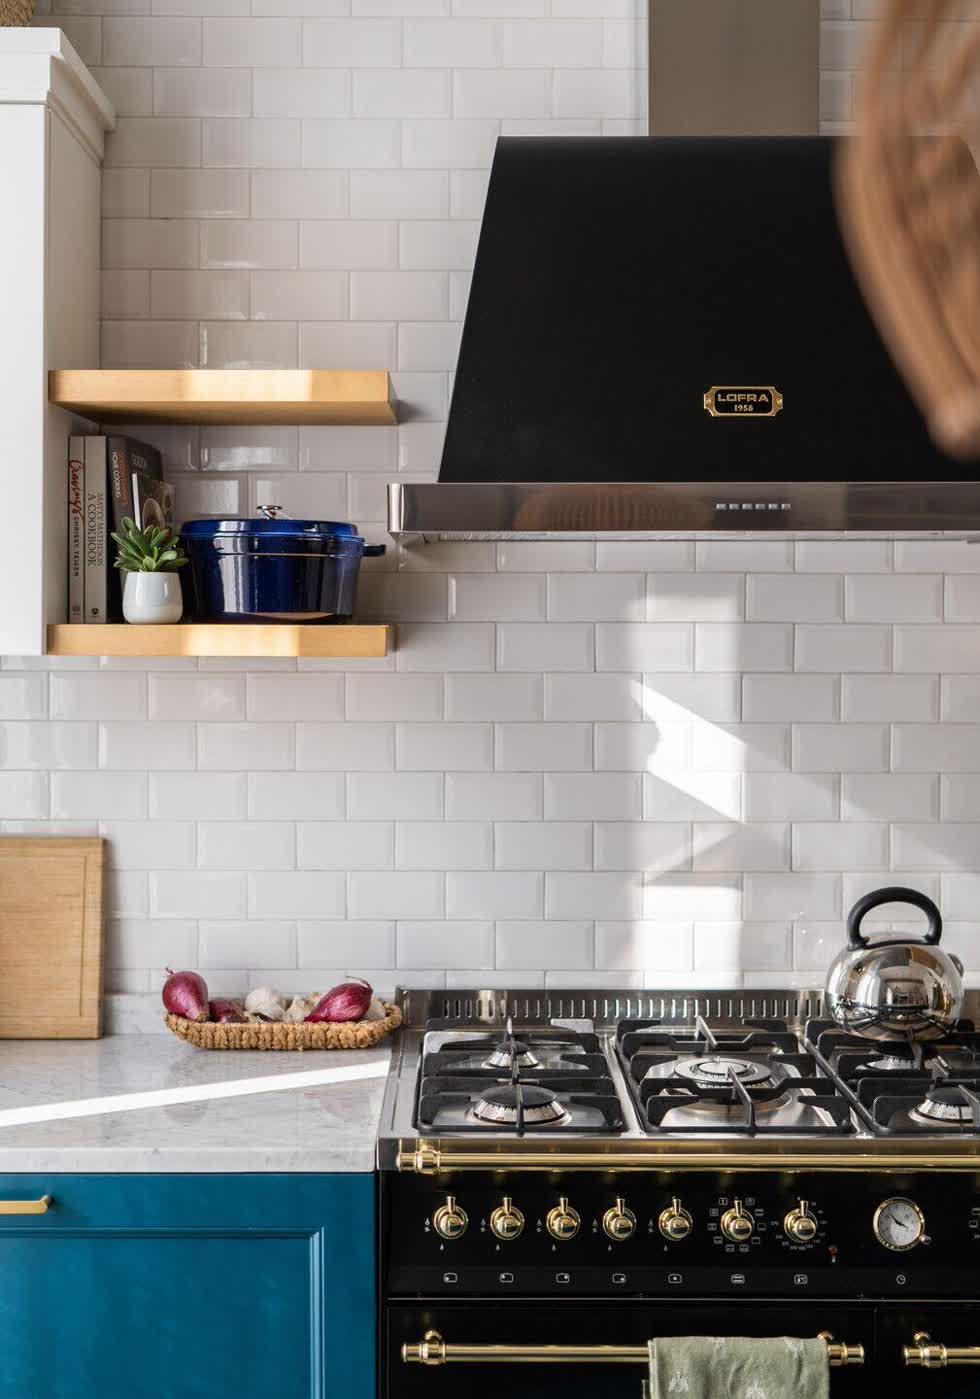 Đồ gia dụng nhà bếp được trang bị đầy đủ, tiện nghi, mang gam màu đen hiện đại và nổi bật.